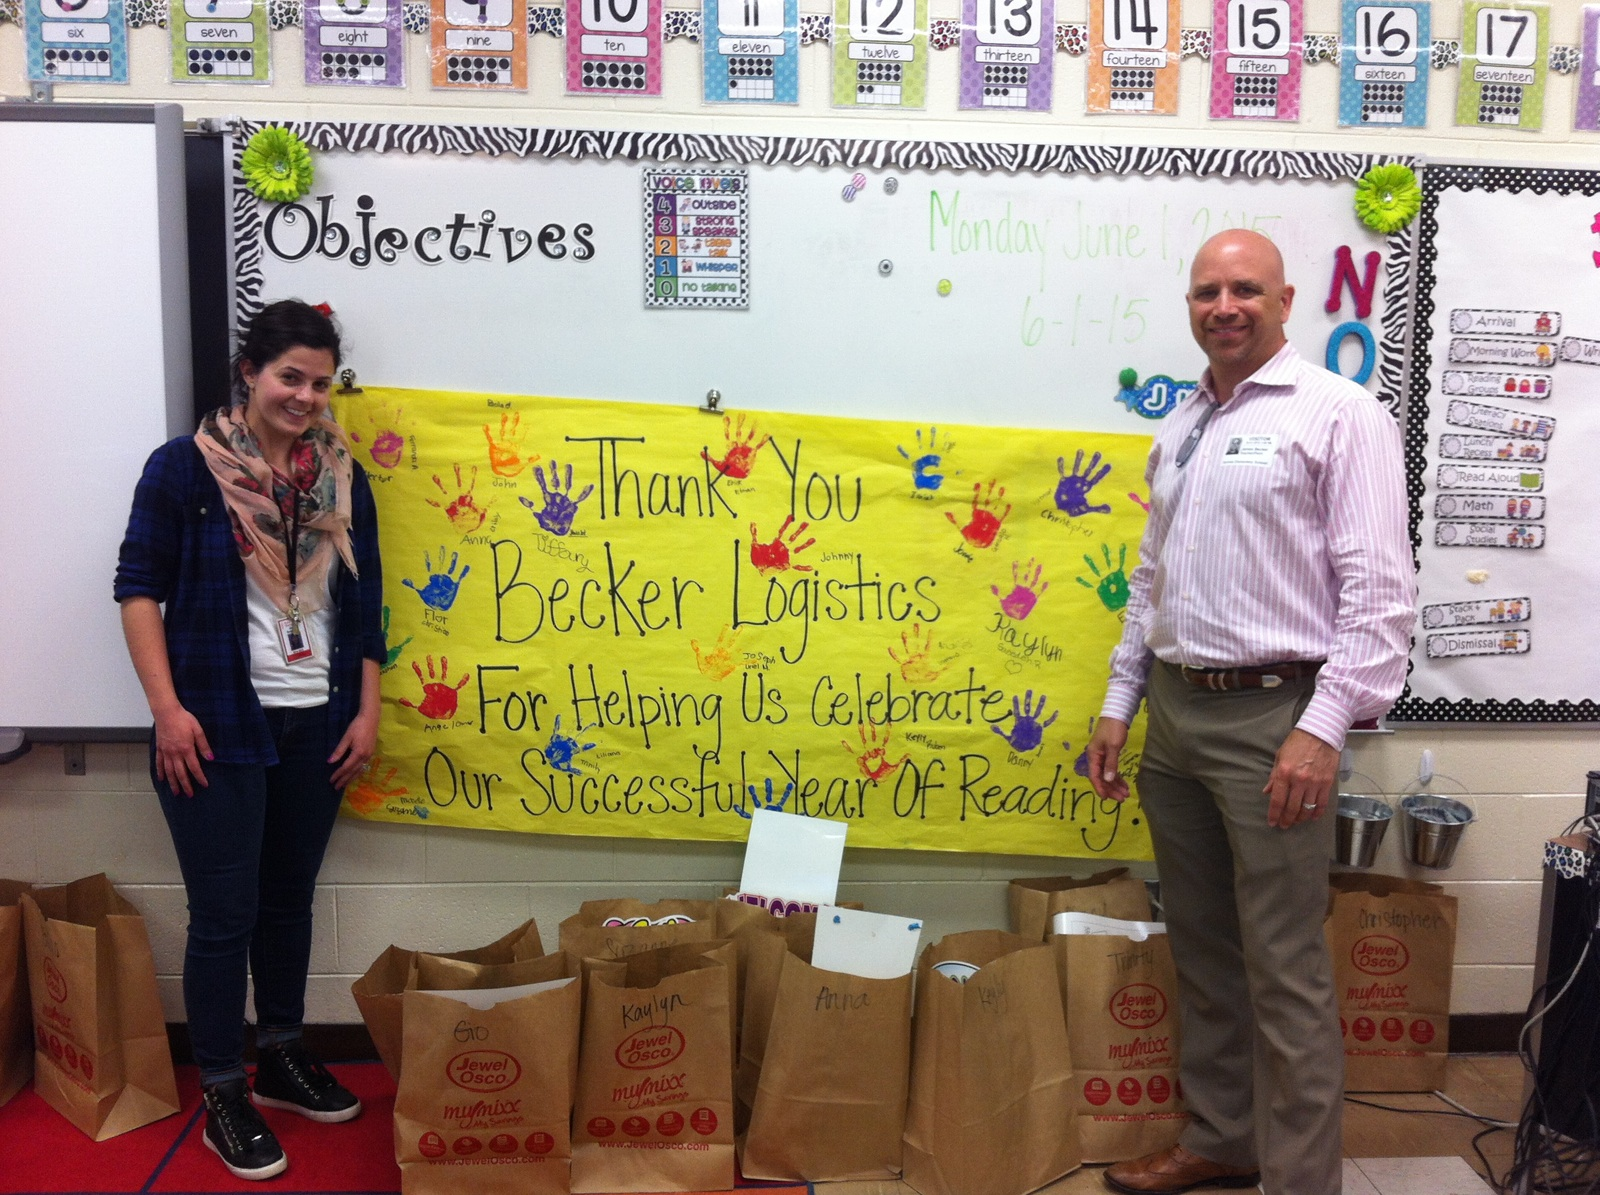 Becker Logistics giving back